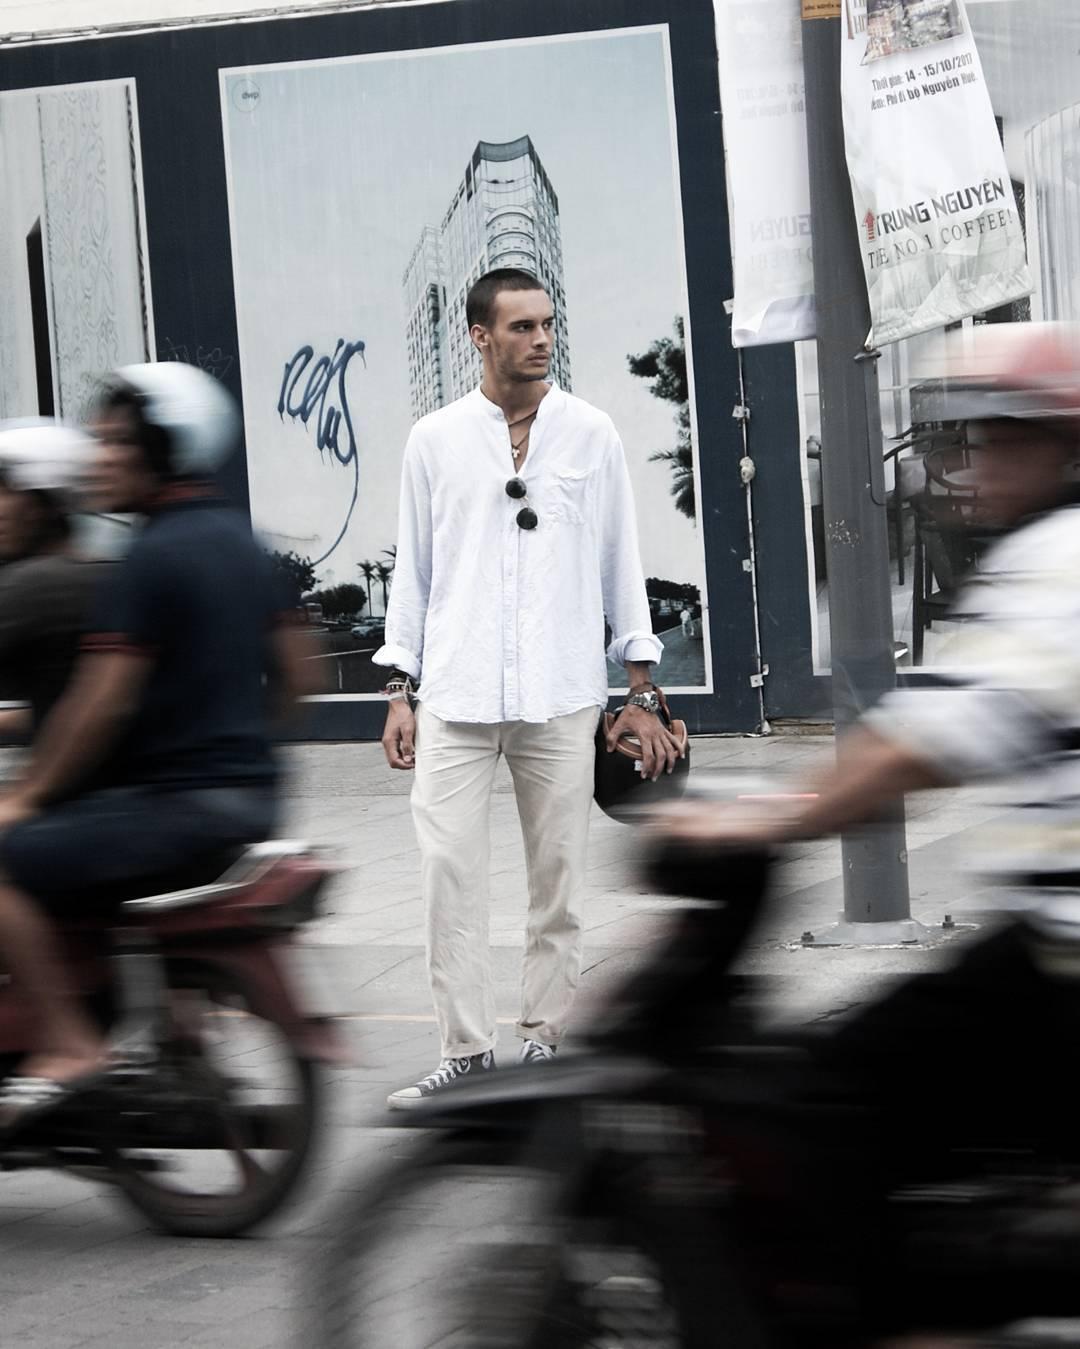 Street crossing by Dario